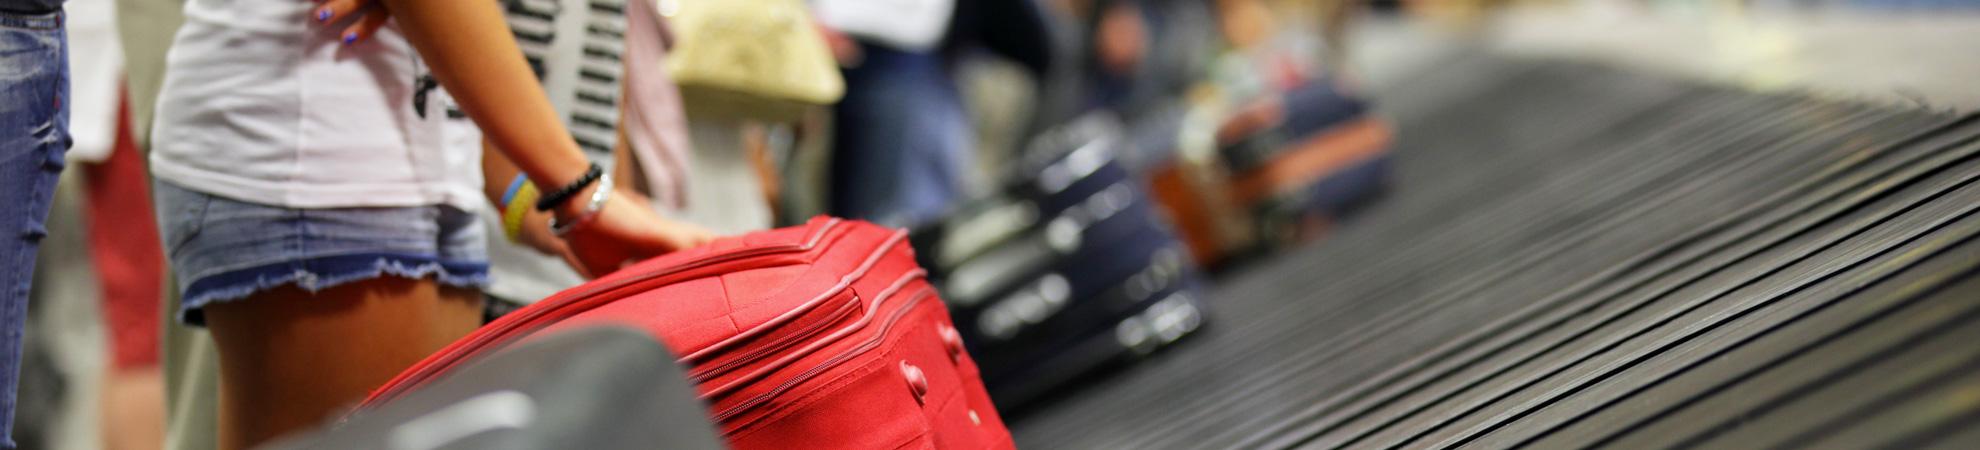 Conseils pratiques pour améliorer son expérience à l'aéroport avant un départ pour le Vietnam